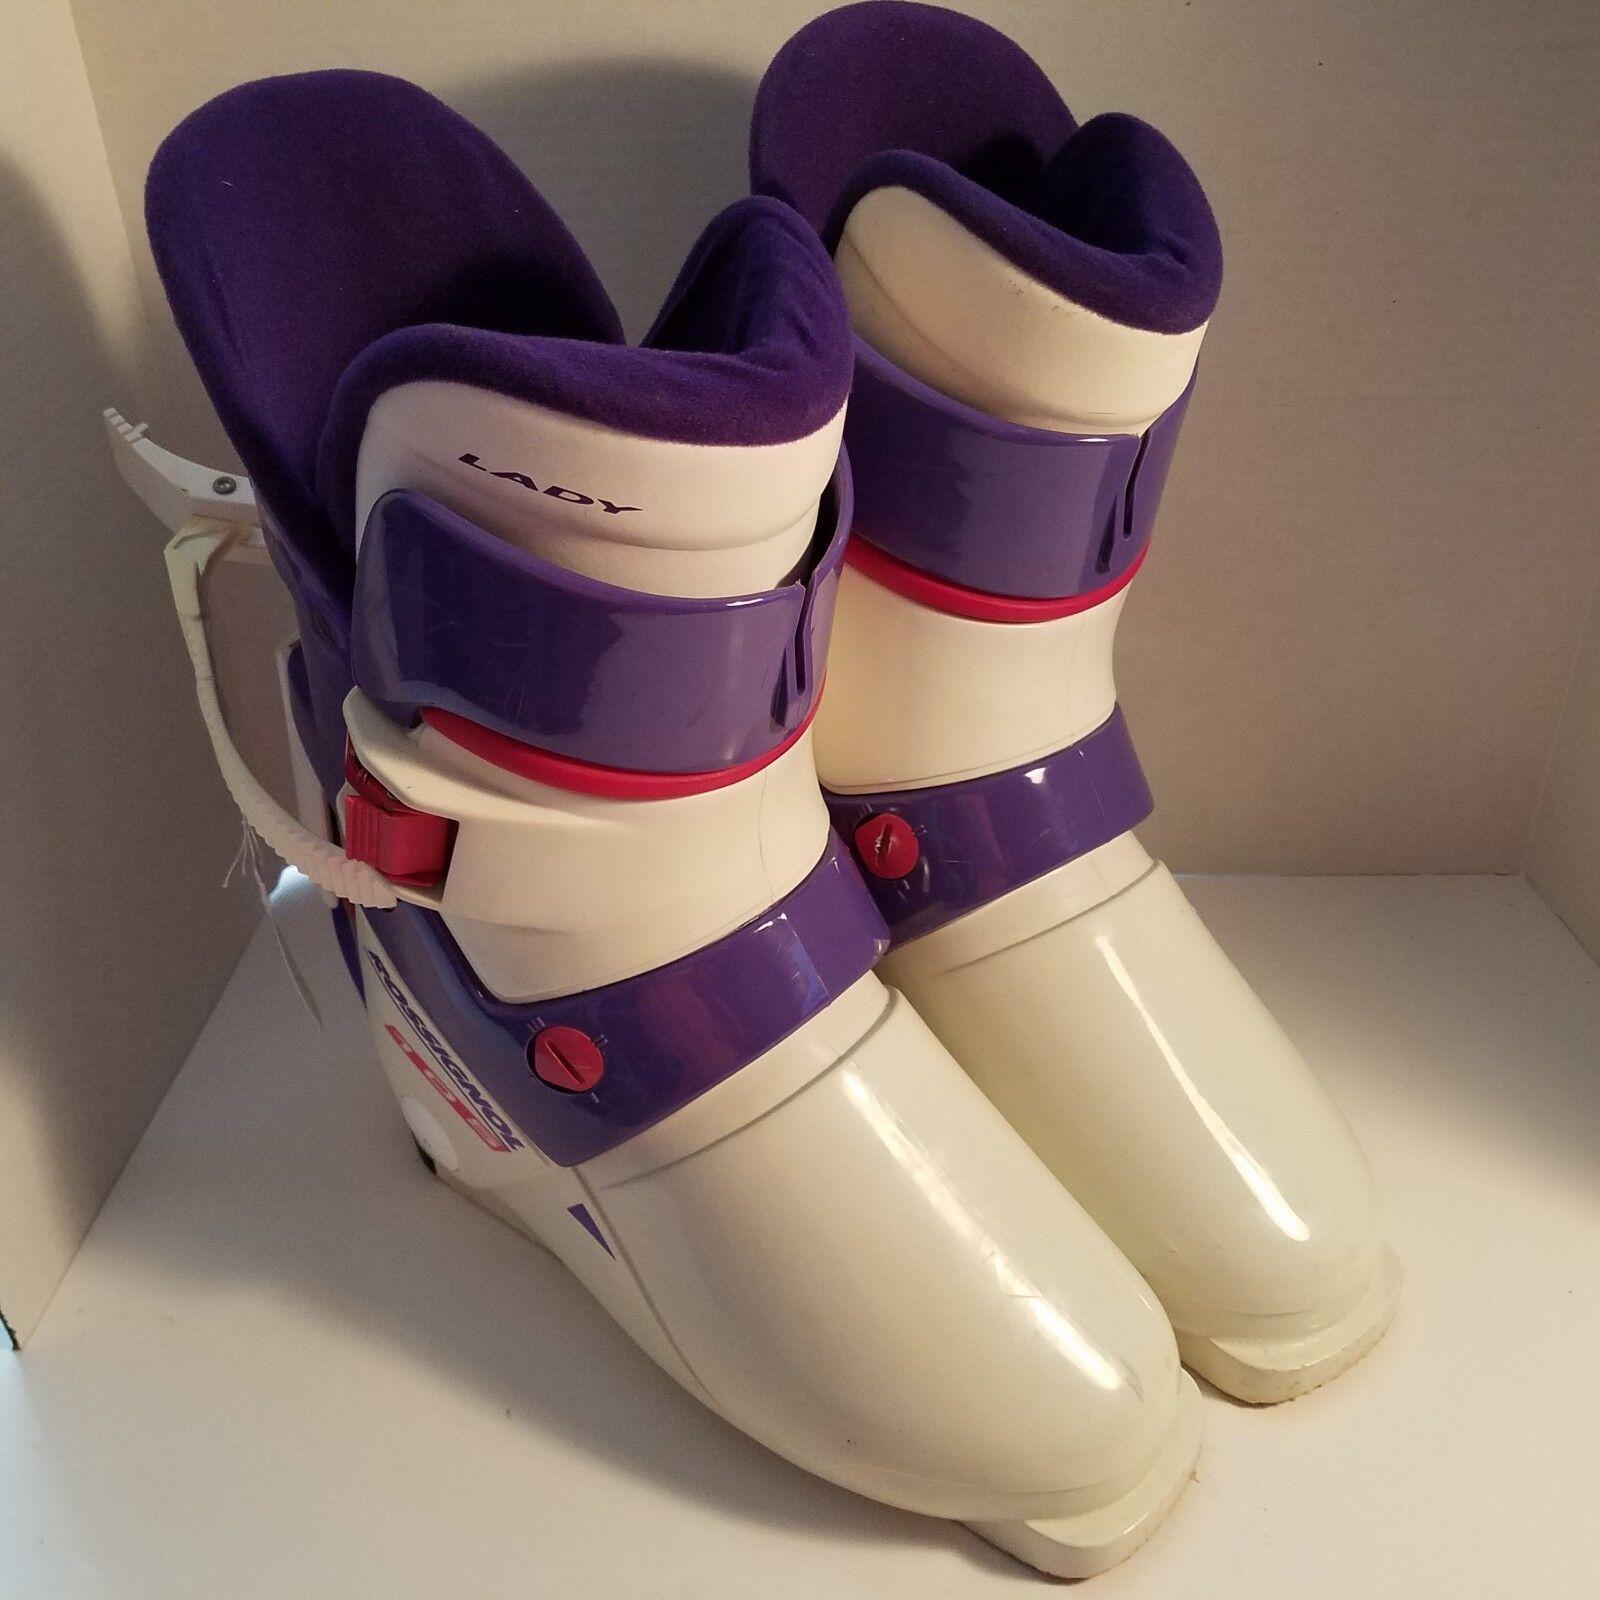 Rossignol Lady 105 daSie Ski Stiefel Größe 25.5 Weiß lila Made in